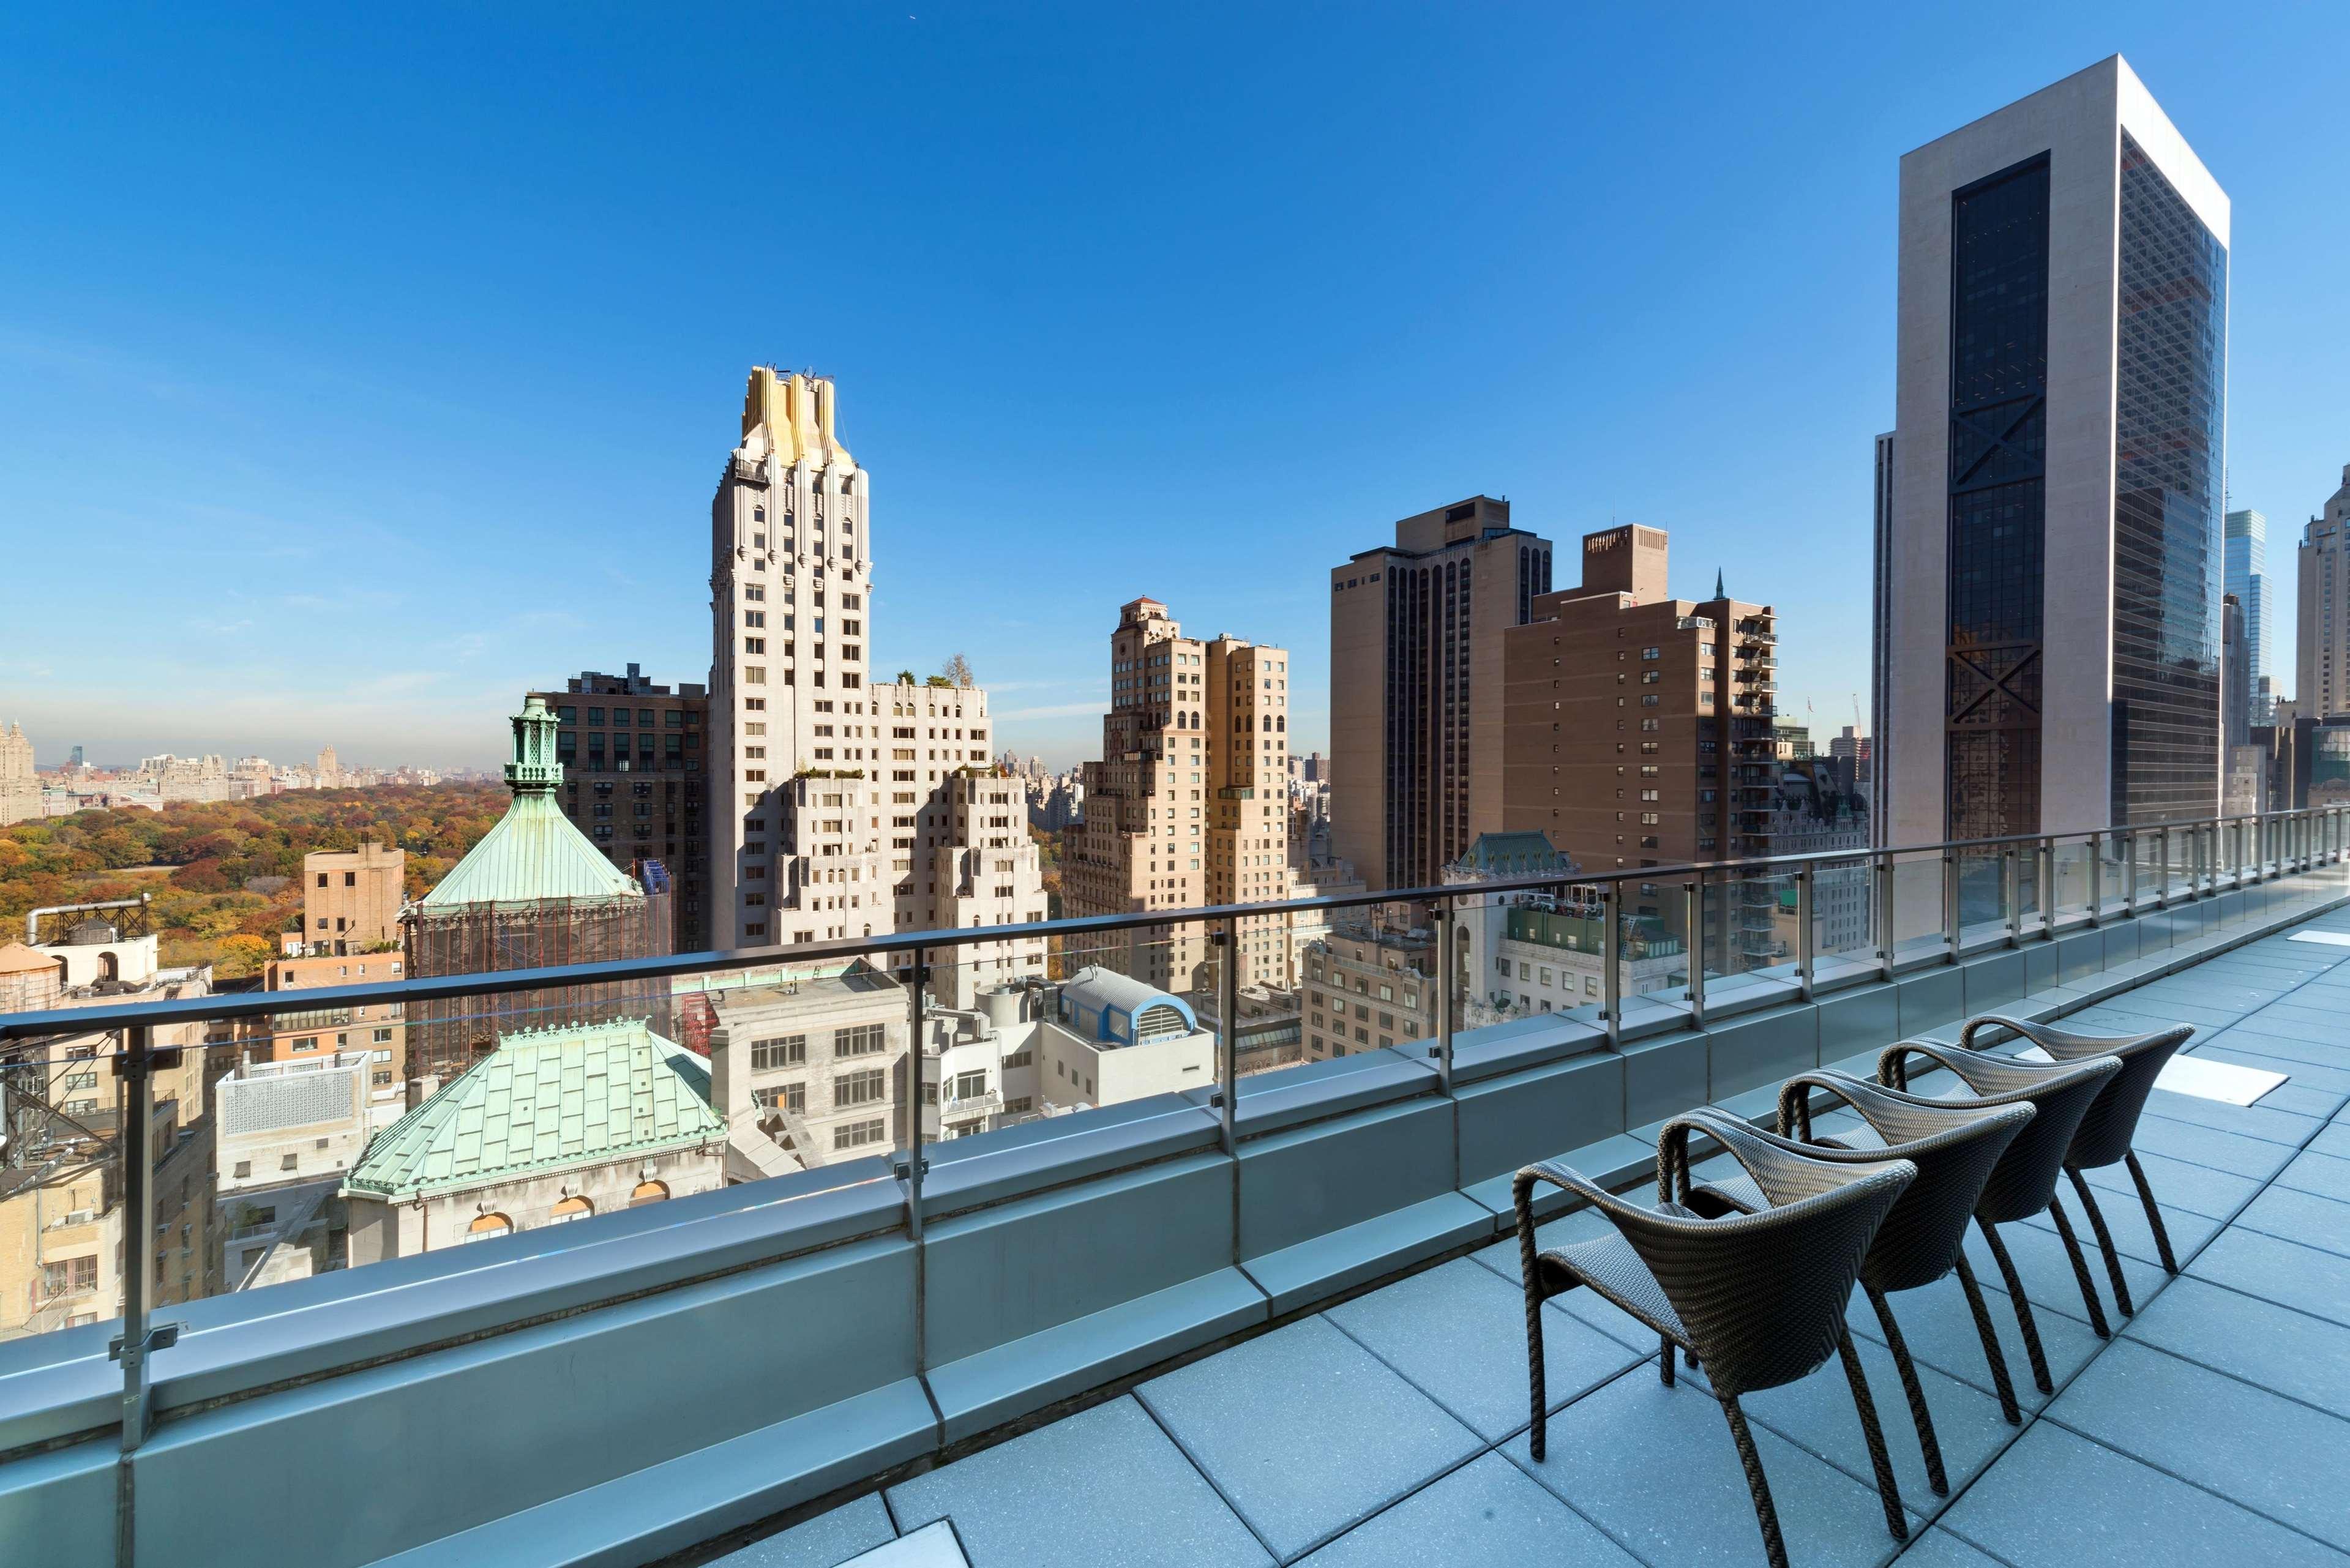 West Th Street New York Ny  Hotels Near